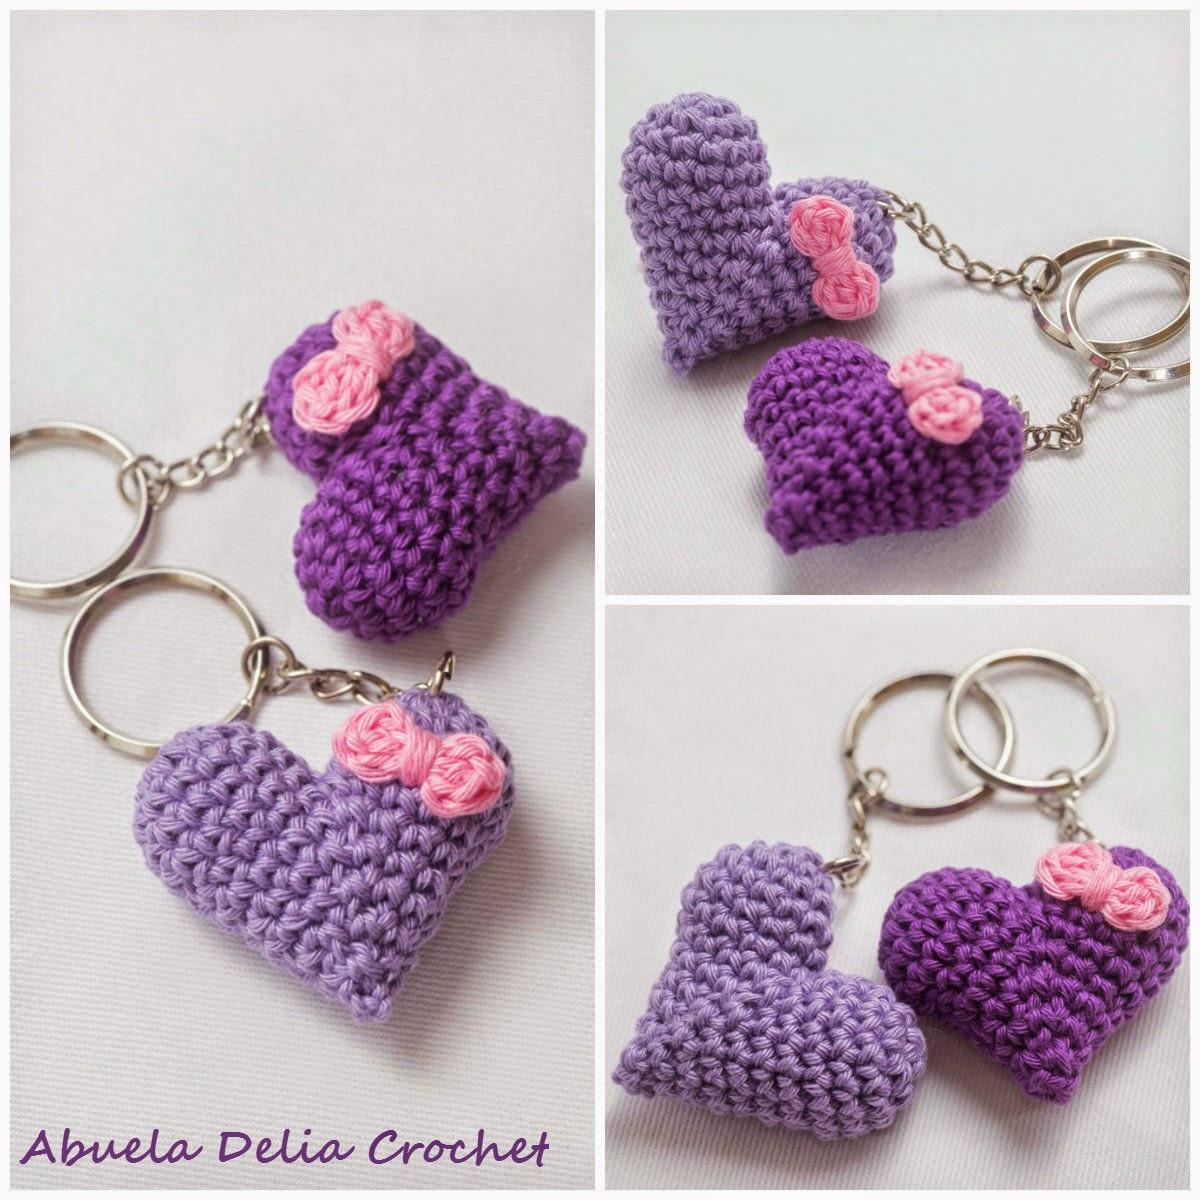 Abuela Delia Crochet: Llavero Corazón | Heart Key Ring